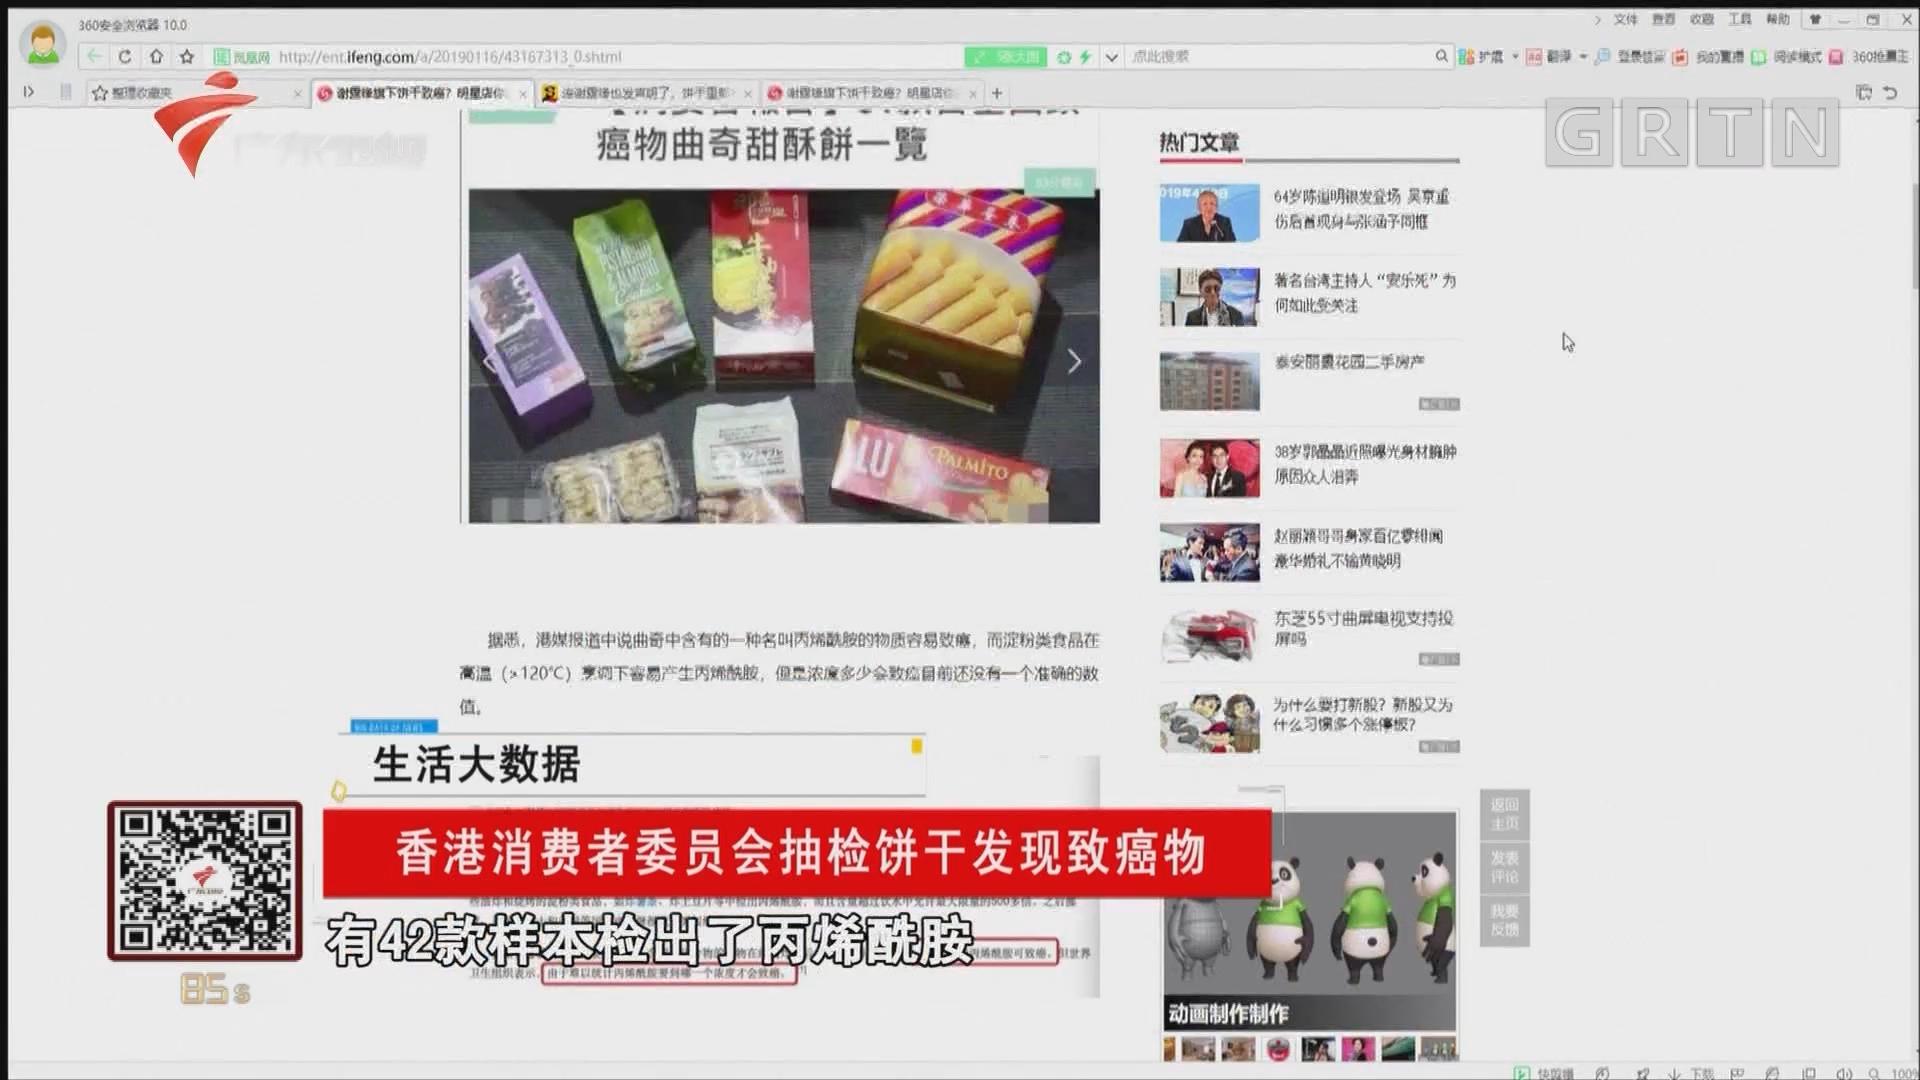 香港消费者委员会抽检饼干发现致癌物